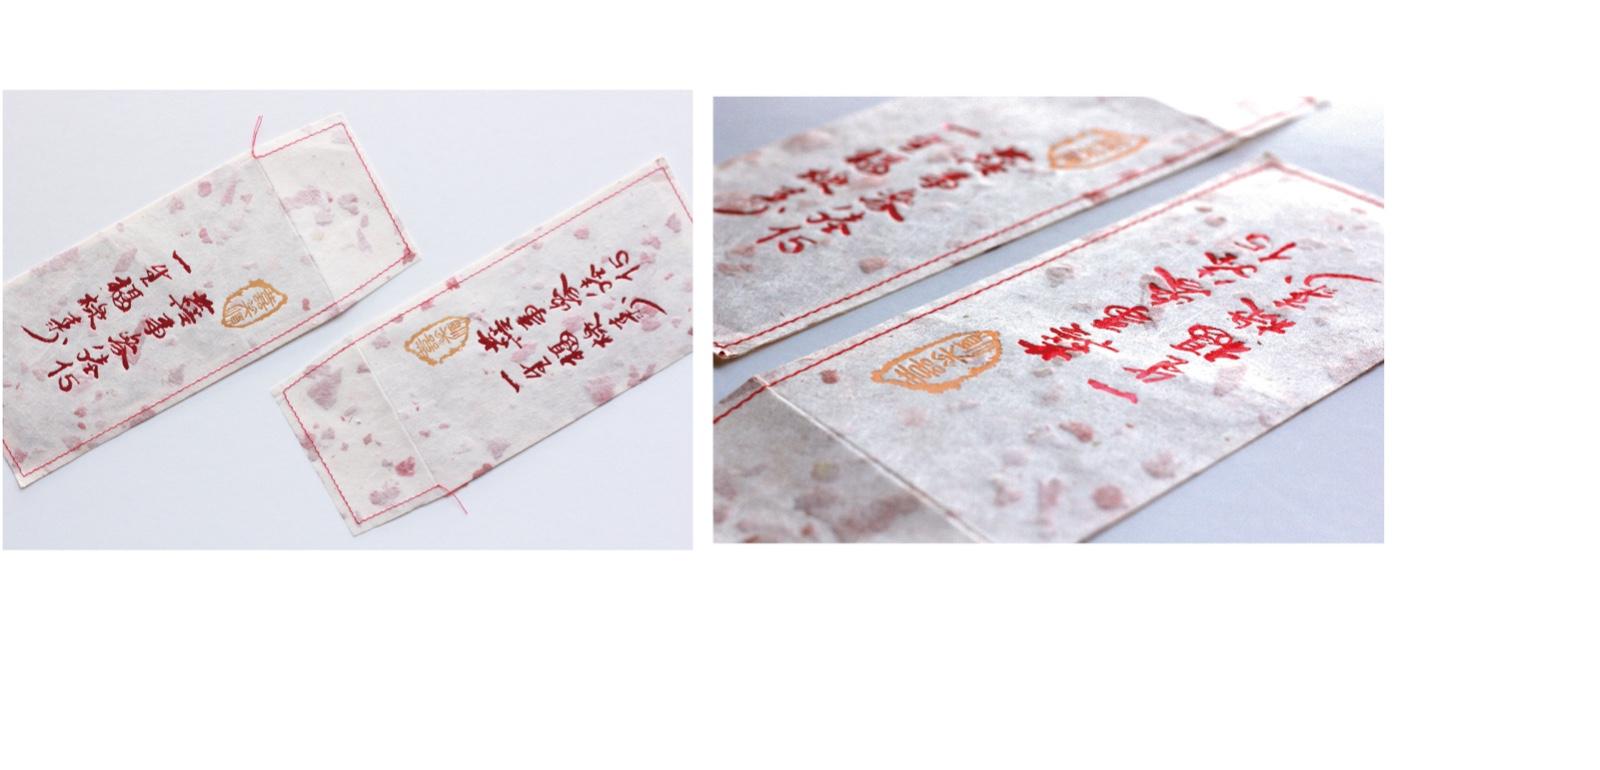 爆平安 炮紙祈福香包 台灣人相信收藏迎神慶典的炮屑可以帶來好運,因此使用炮屑回收紙作為御守的紙材。  除了延伸崇敬的台灣信仰文化,更融入順天應人的環境關懷。 | 甘樂文創 | 甘之如飴,樂在其中